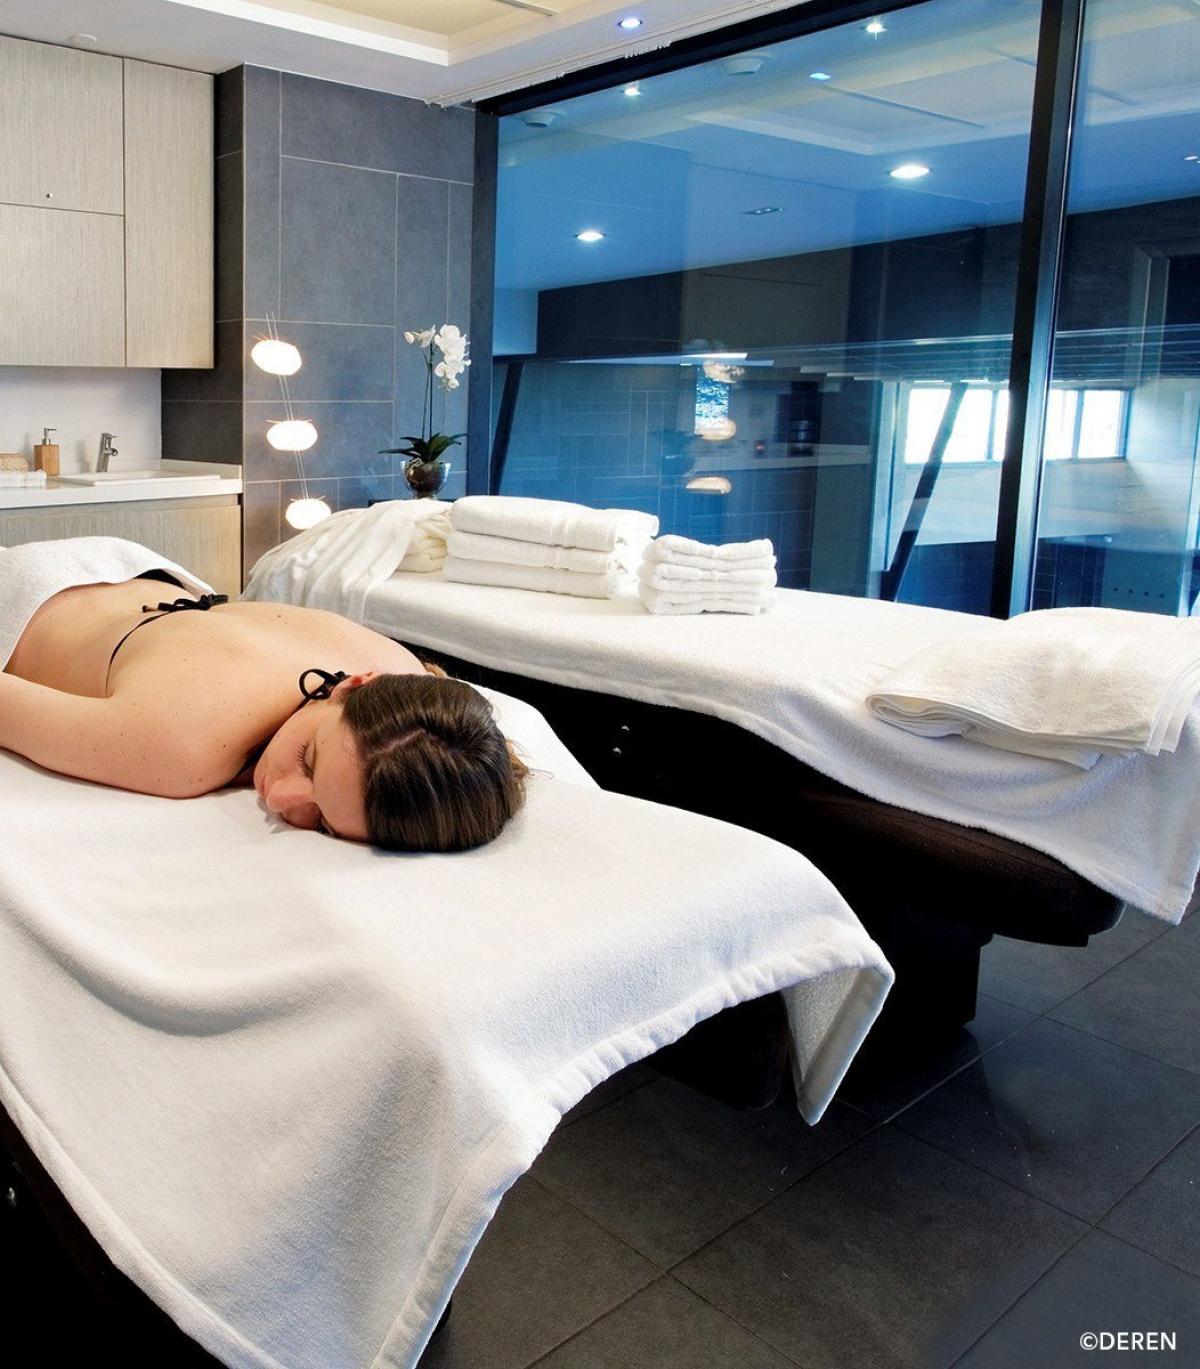 maxi drap de bain pressing de la cote. Black Bedroom Furniture Sets. Home Design Ideas